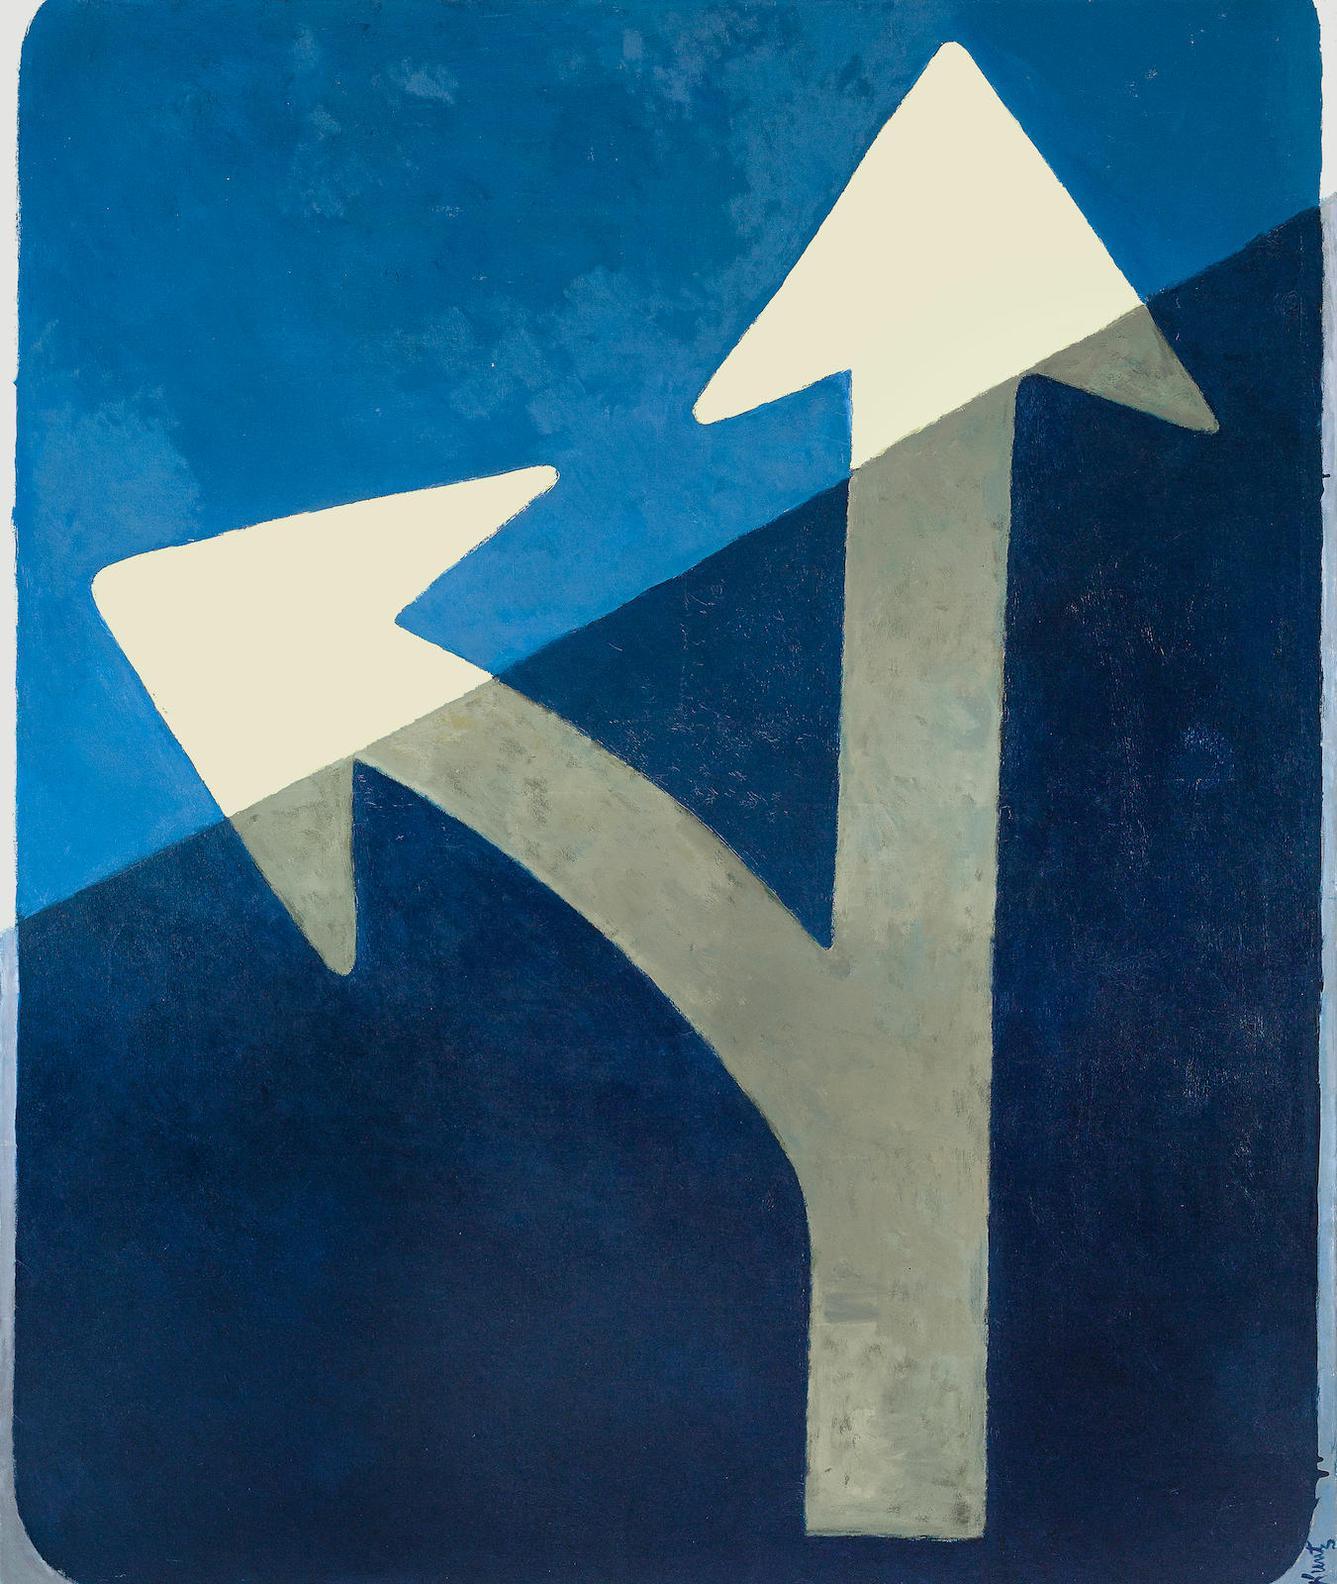 Roger Kuntz - Double Arrow (Blue Arrows)-1962